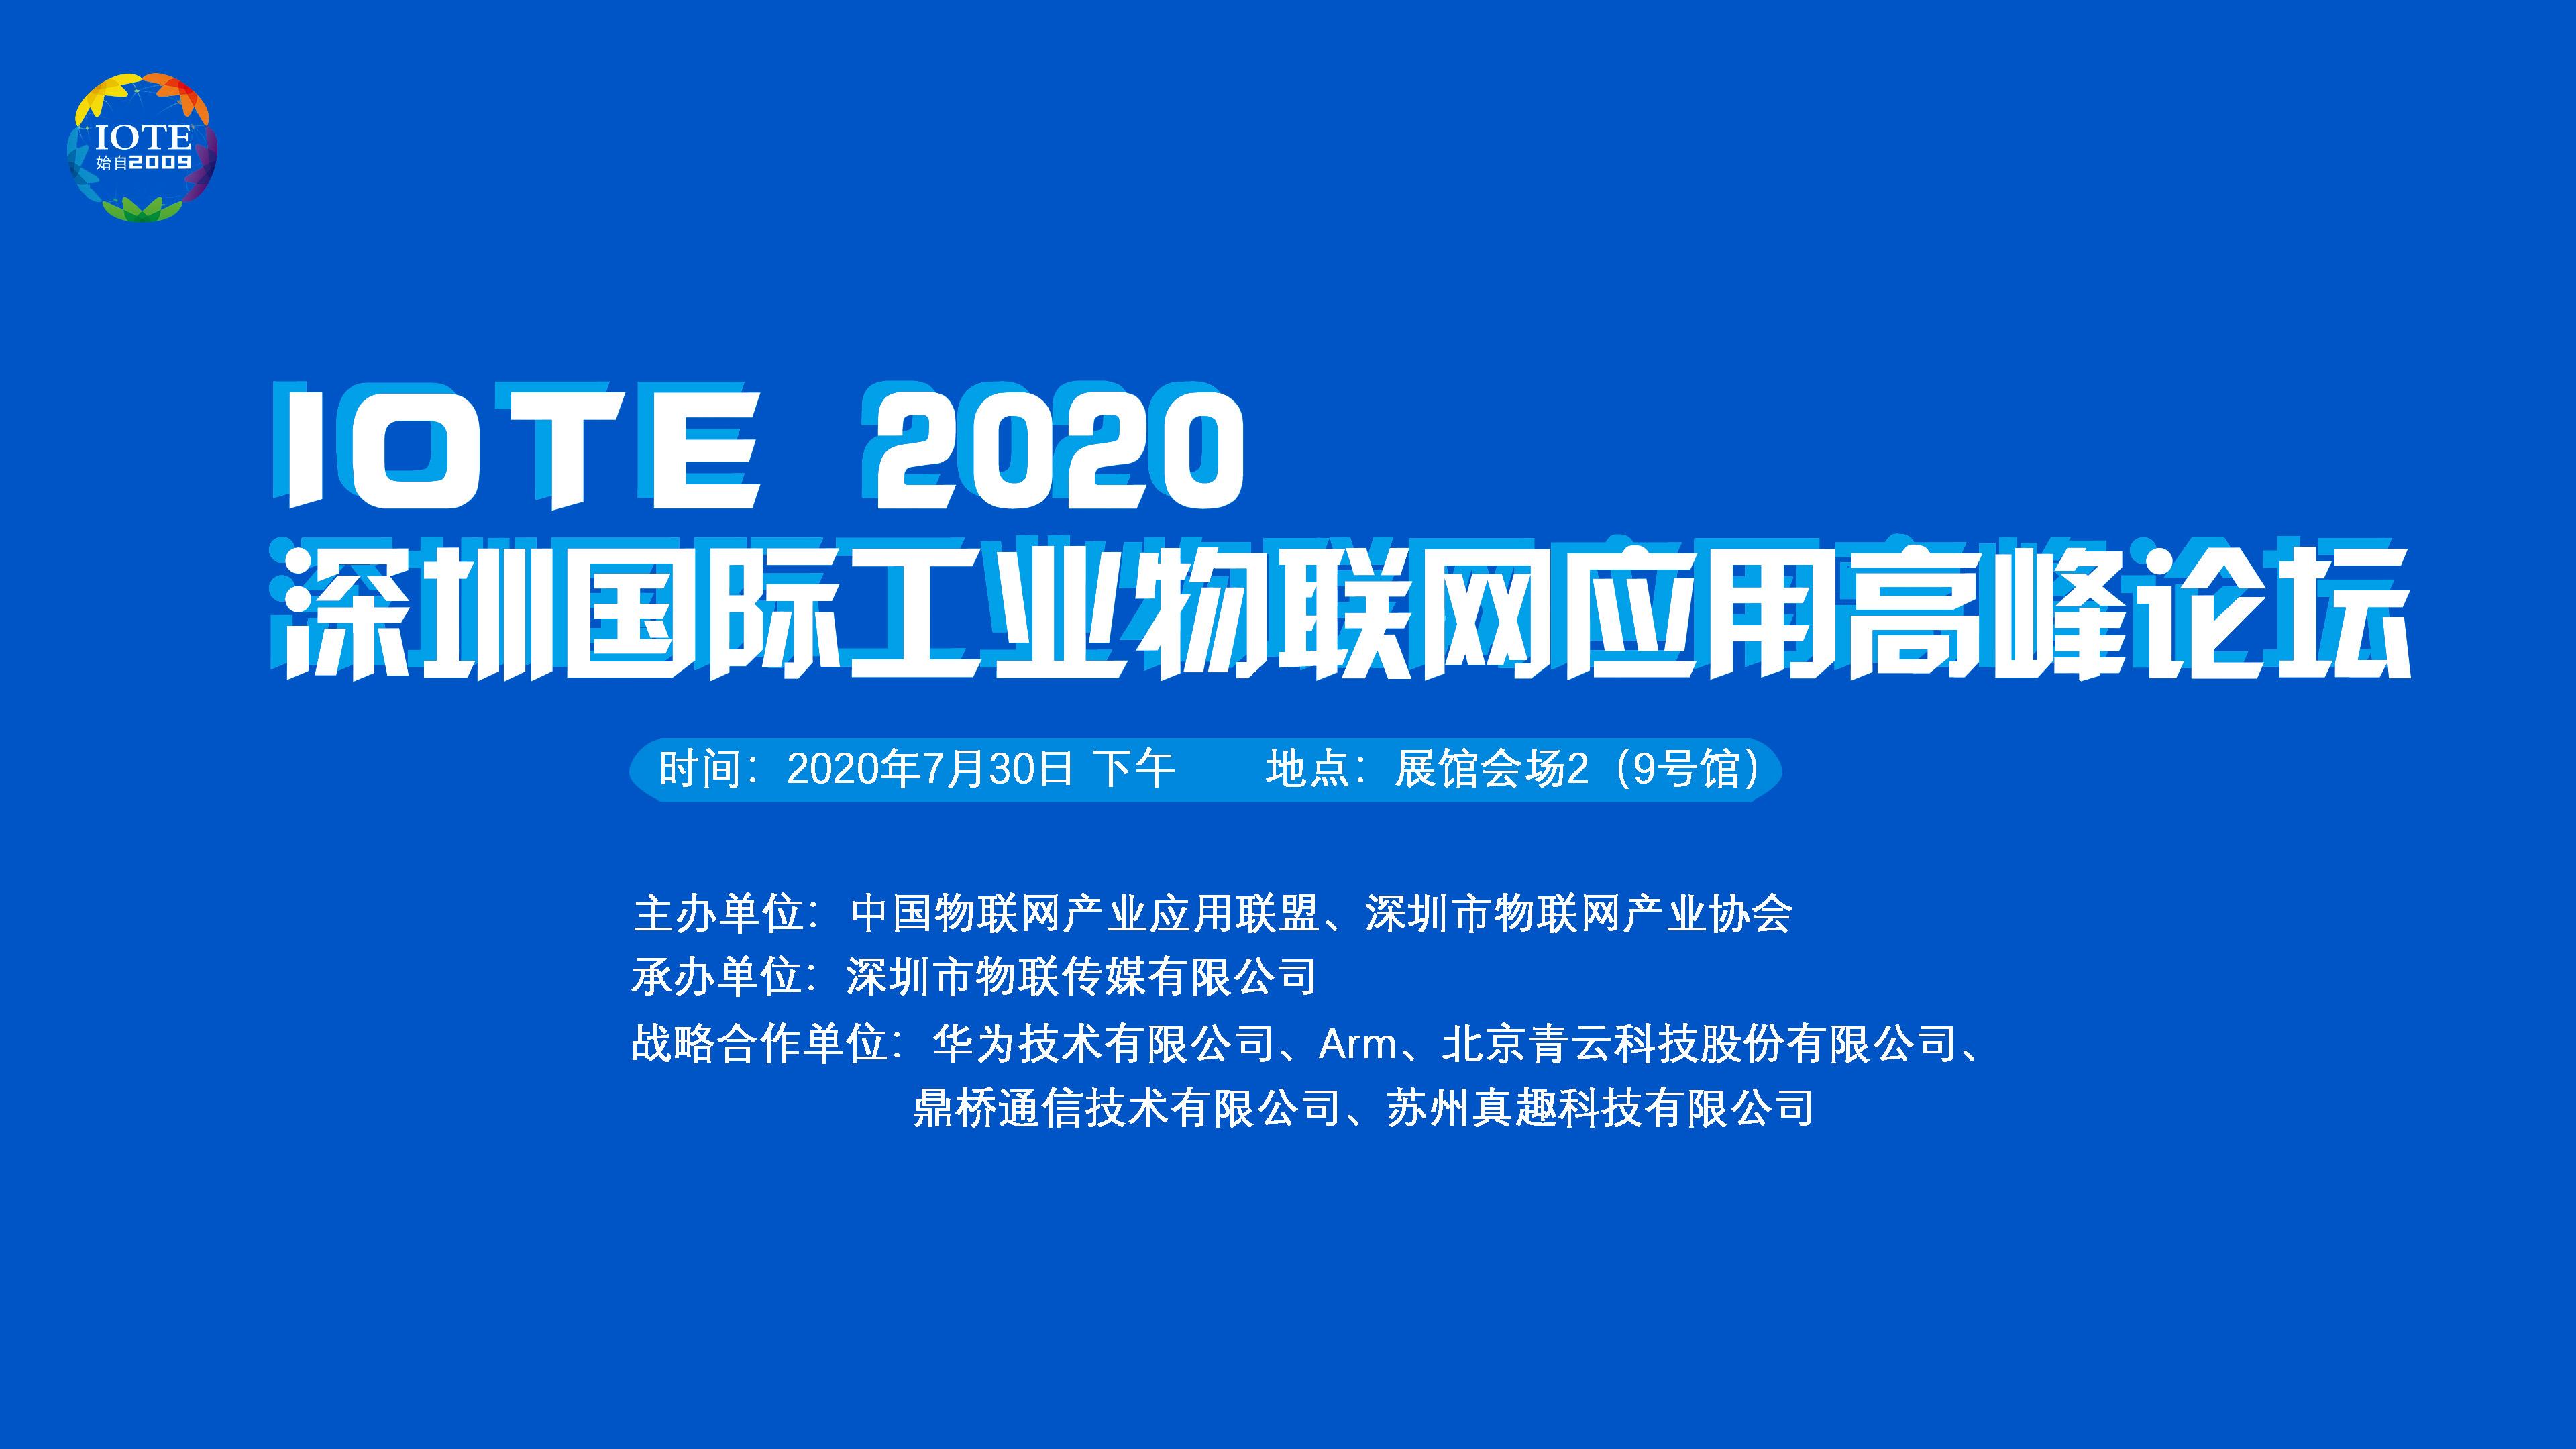 會議專題 | IOTE 2020 深圳國際工業物聯網應用高峰論壇